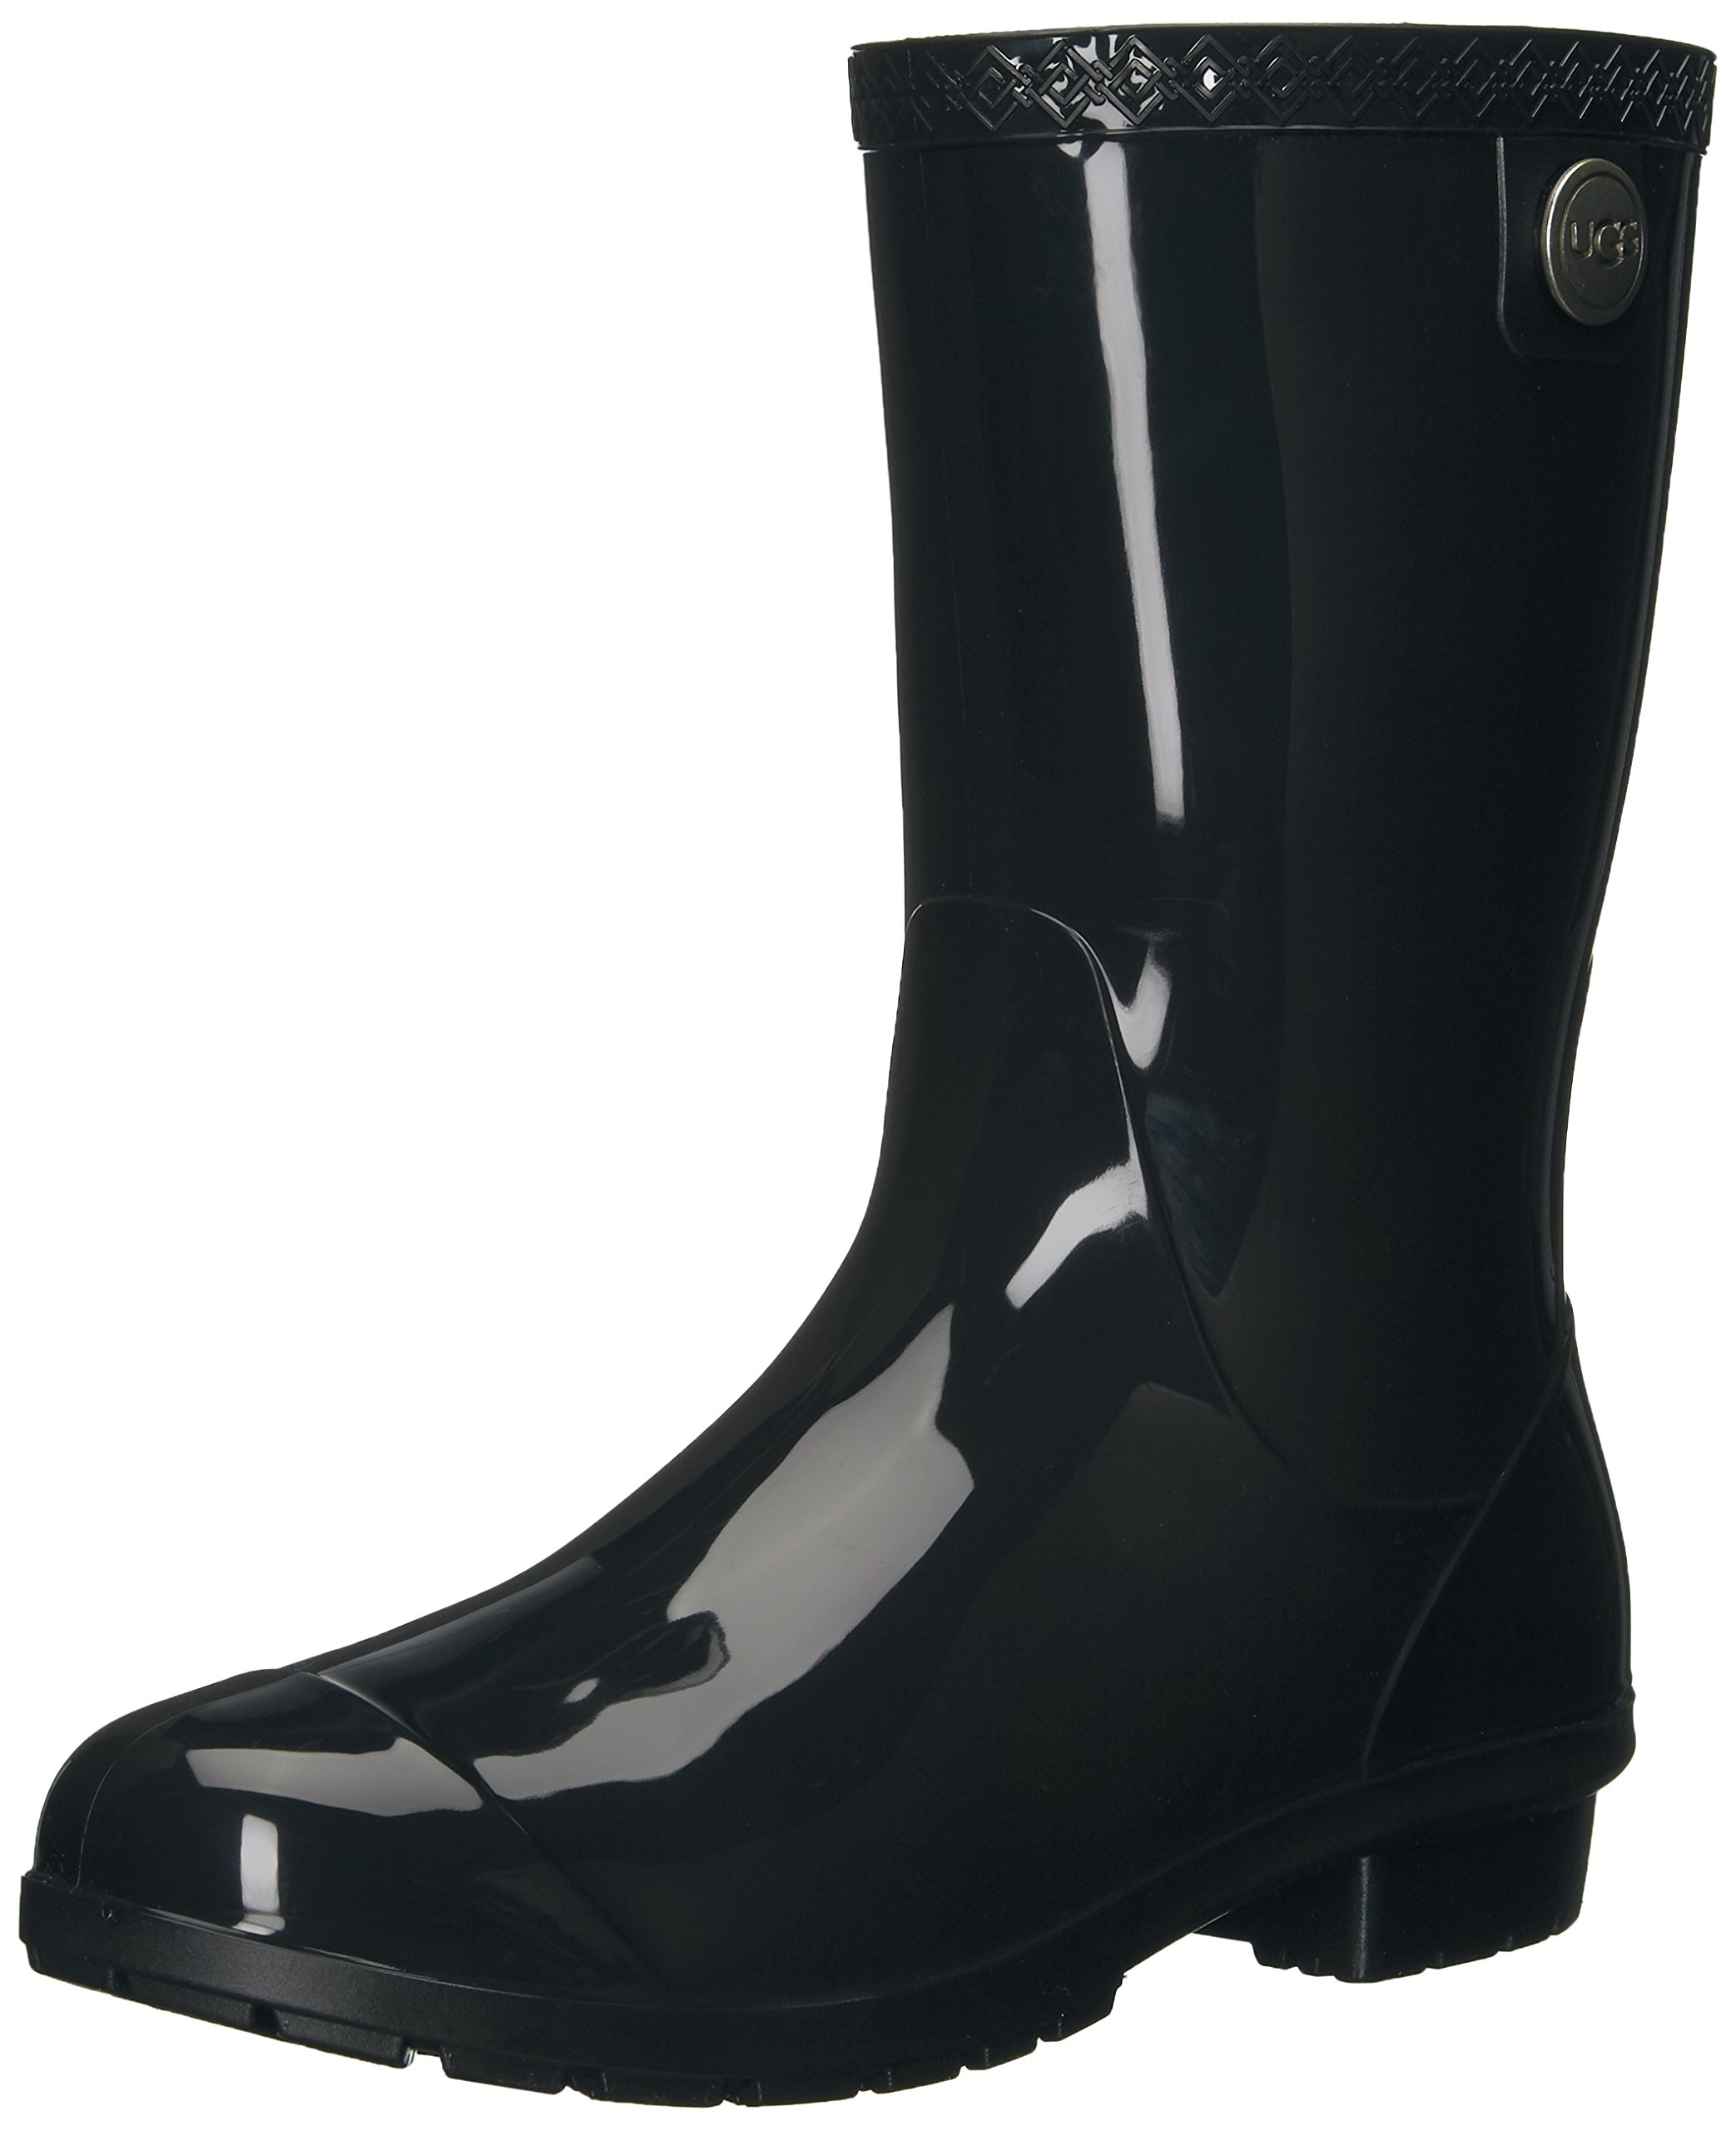 UGG Women's Sienna Rain Boot, Black, 8 B US